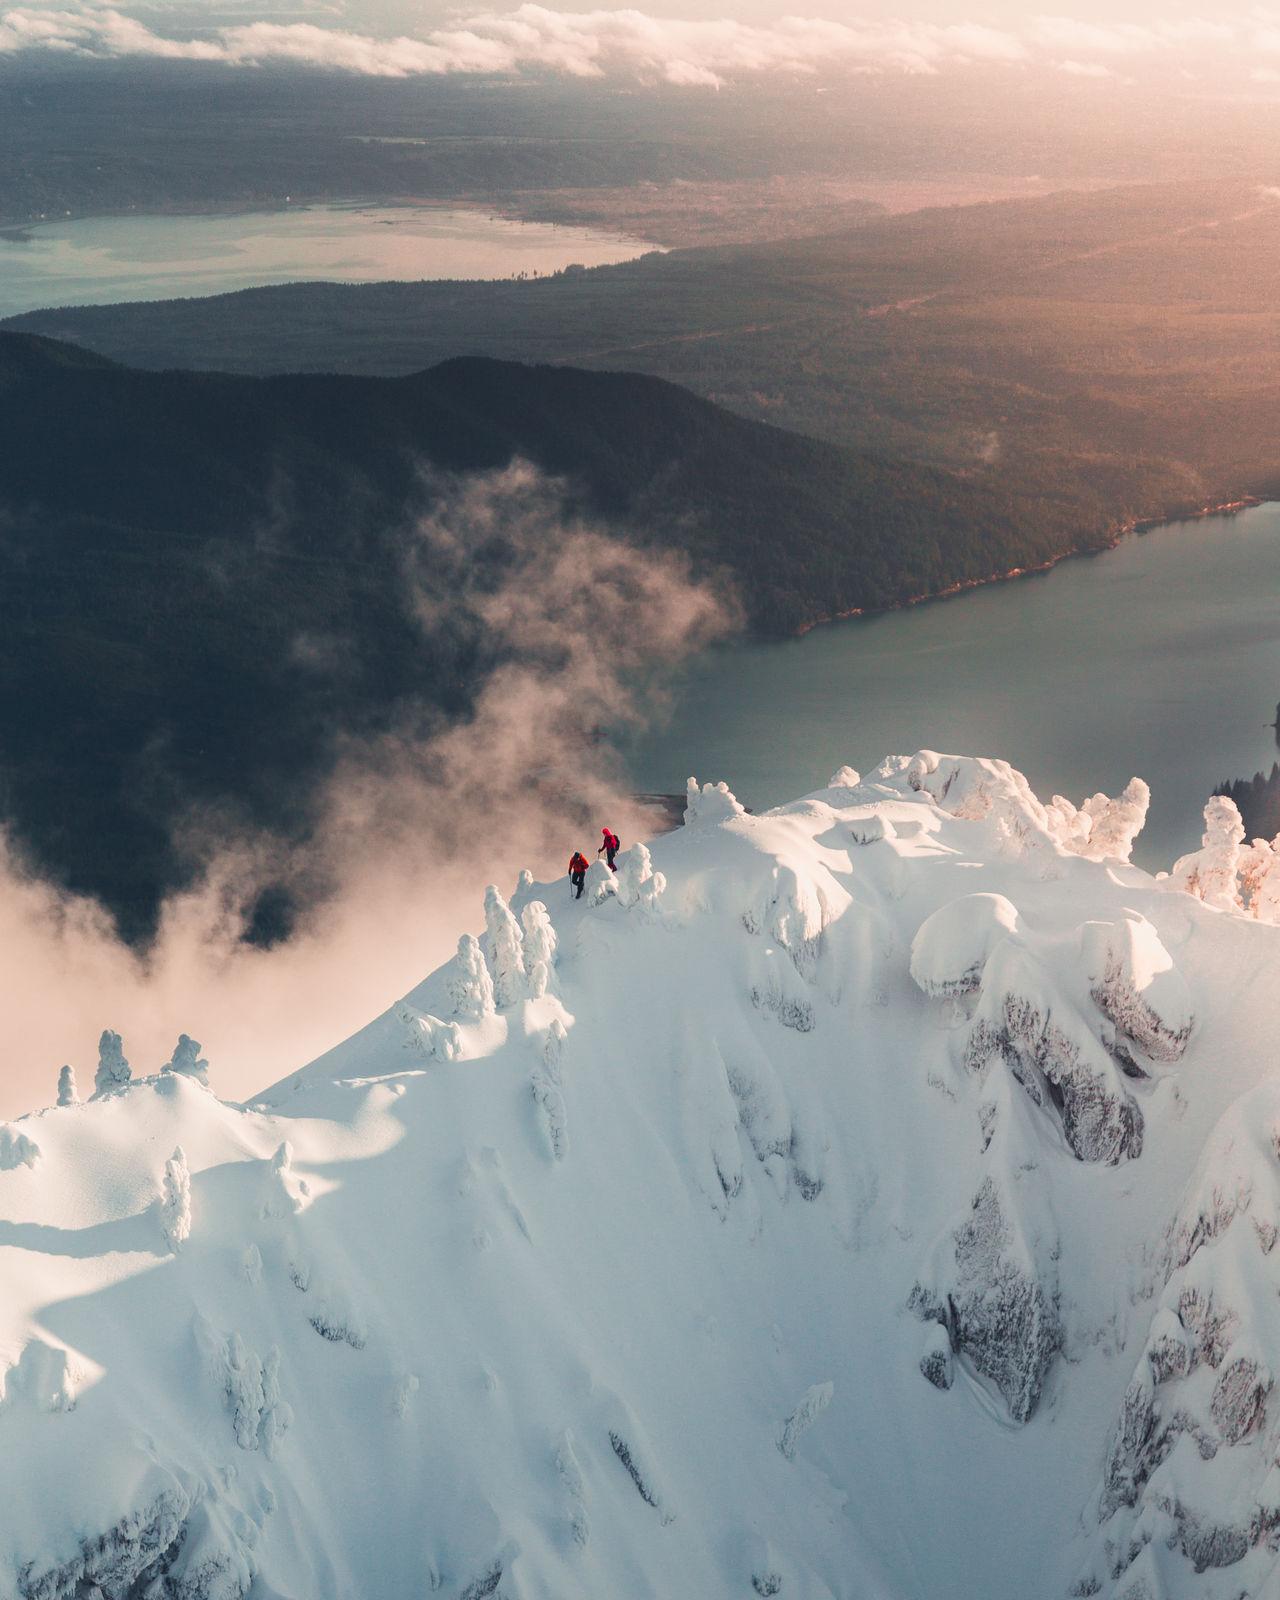 mountain, scenics - nature, beauty in nature, mountain range, leisure activity